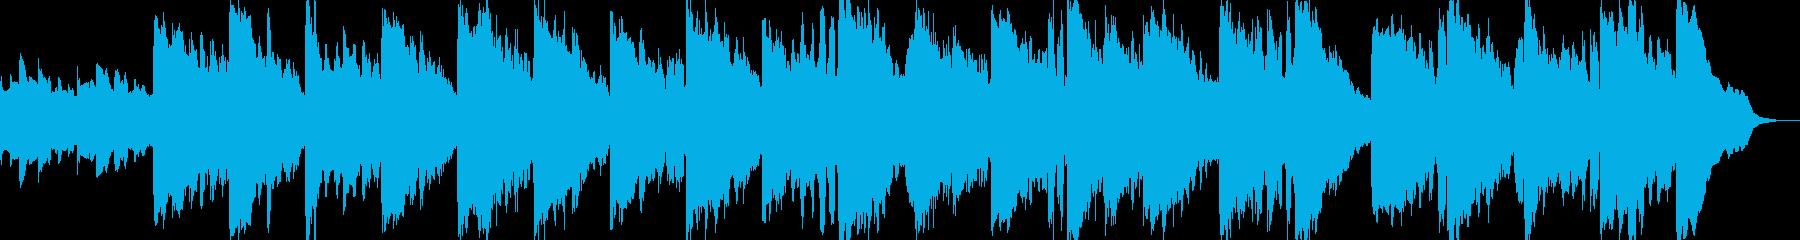 キッズ向けのスローテンポBGMの再生済みの波形